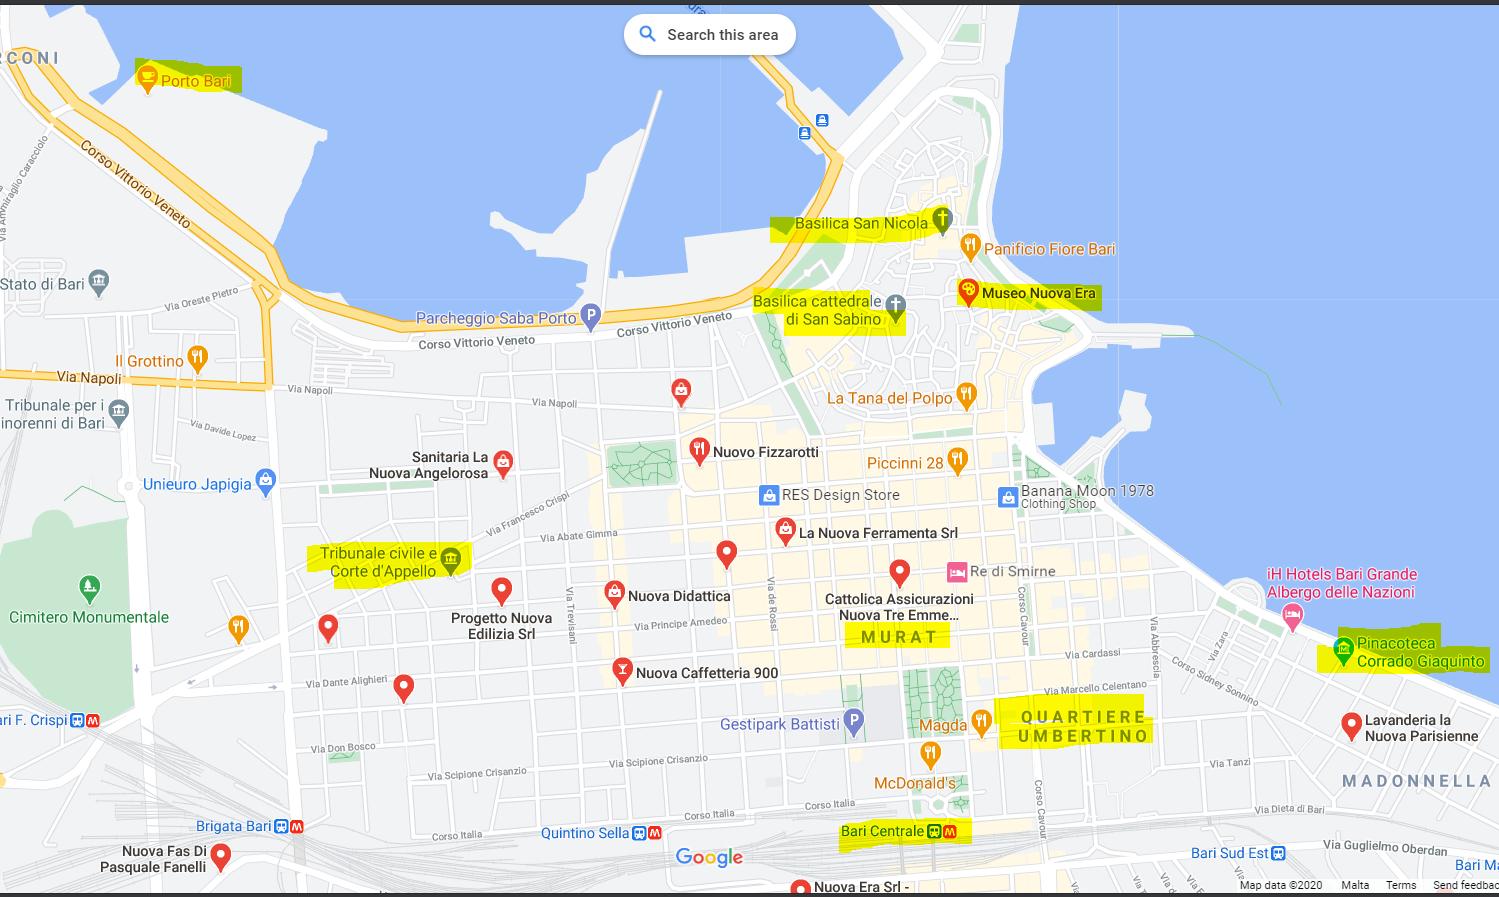 Dove dormire a Bari: le migliori zone dove alloggiare